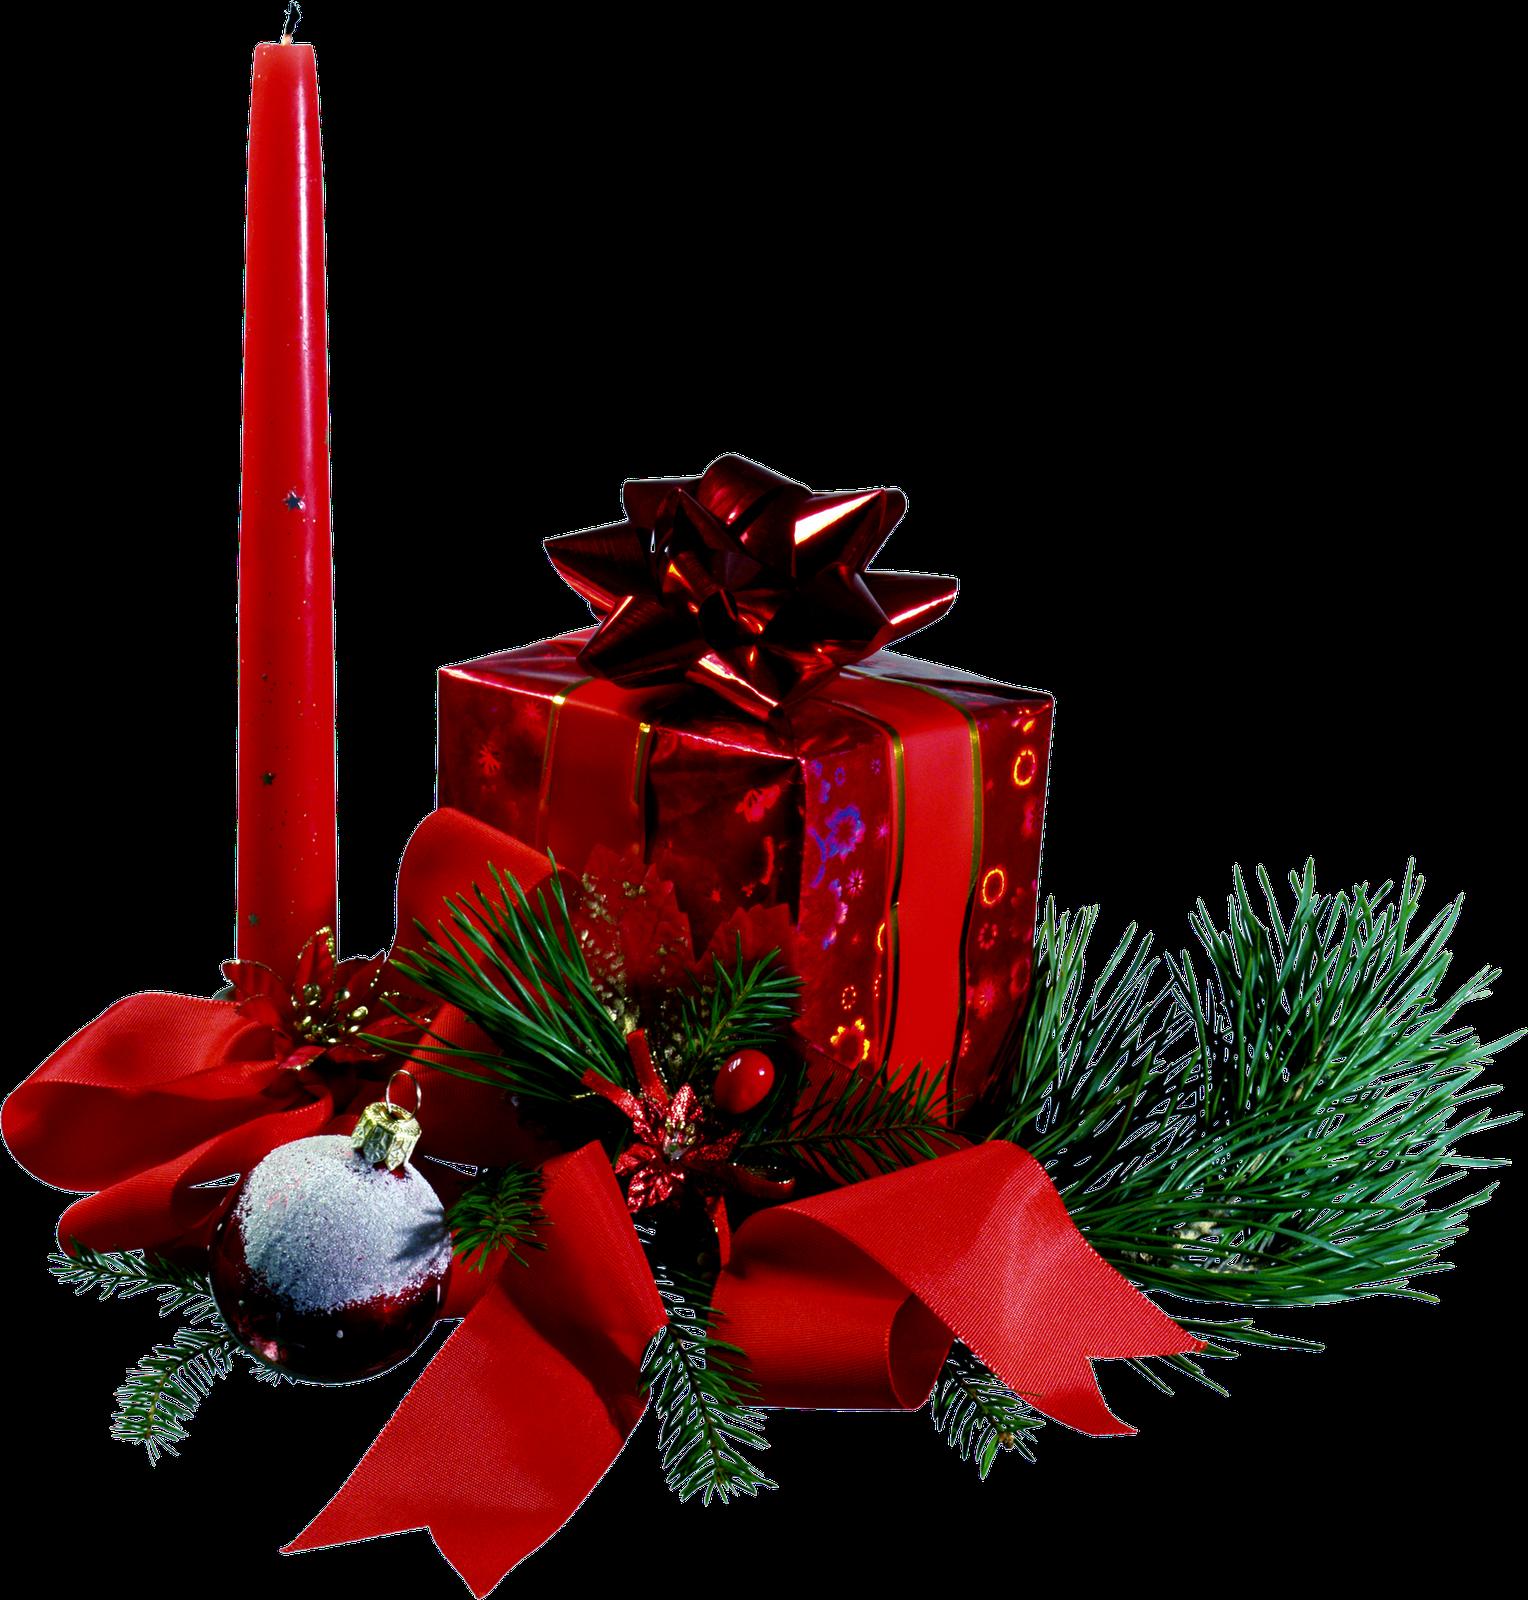 Regalos De Navidad Png  Fondos De Pantalla Y Mucho Ms-5549